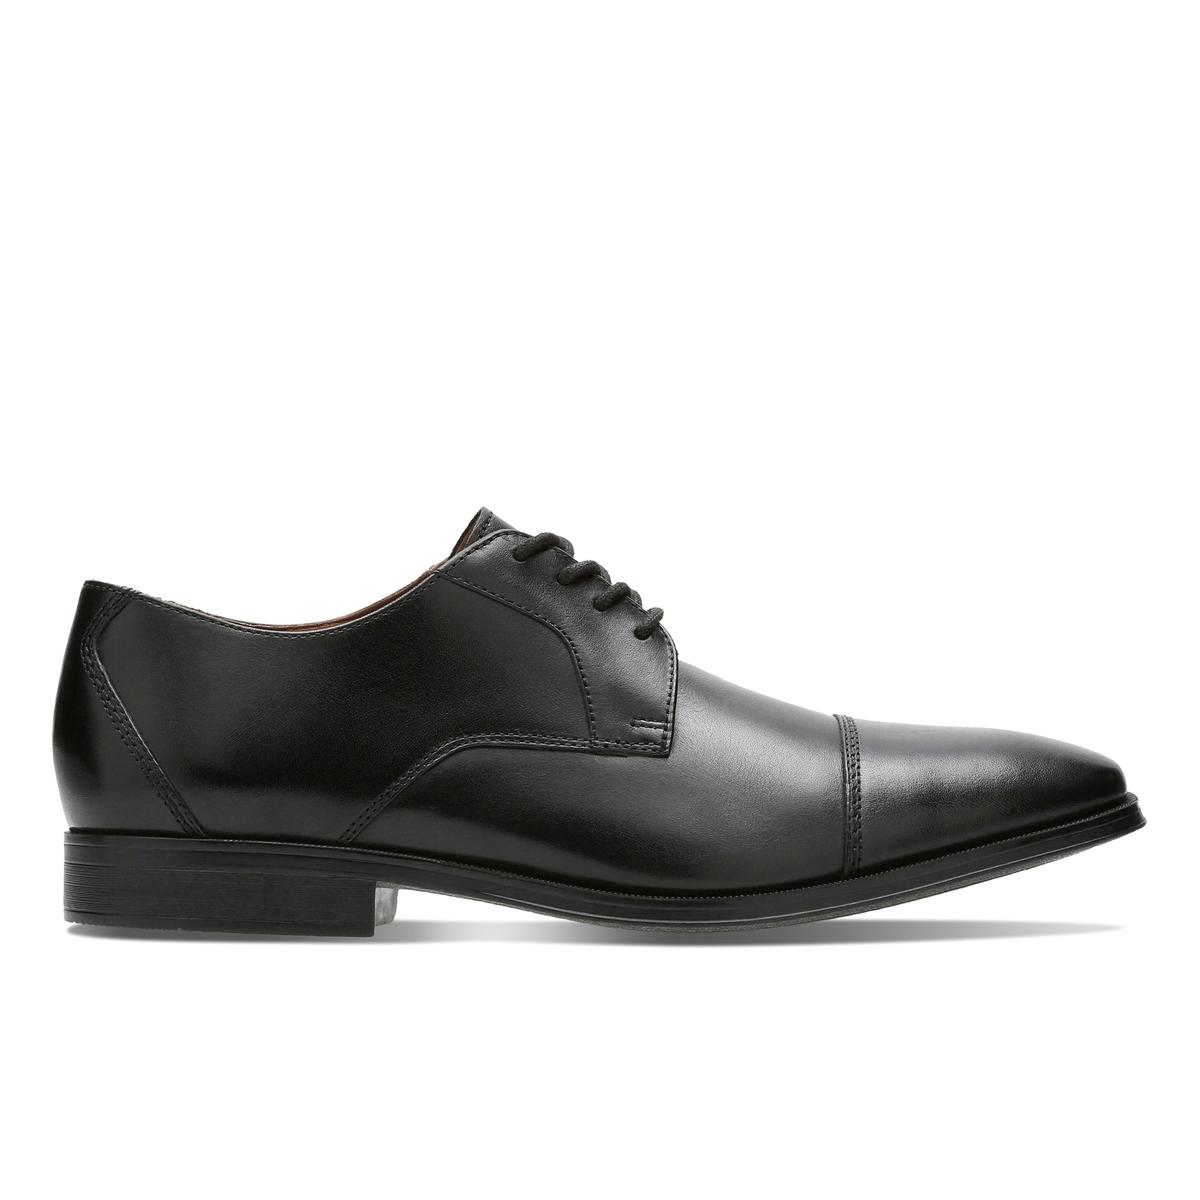 Ботинки-дерби кожаные Gilman Cap ботинки дерби под кожу питона